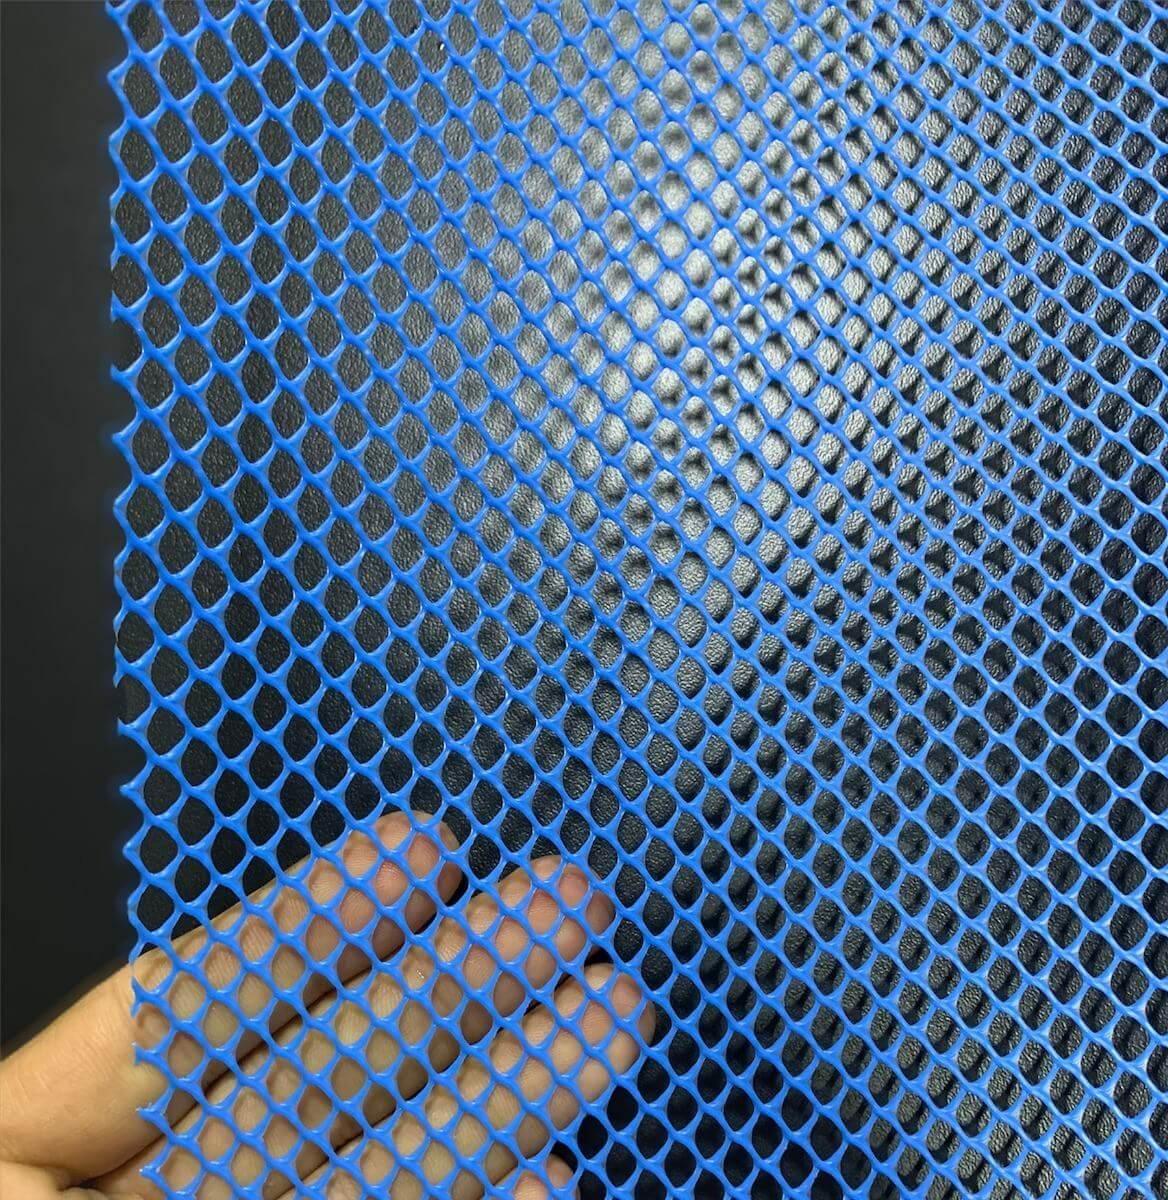 Tela Piscicultura Azul Peixe Alevino 4 Mm Pead 1 X 25 Metros